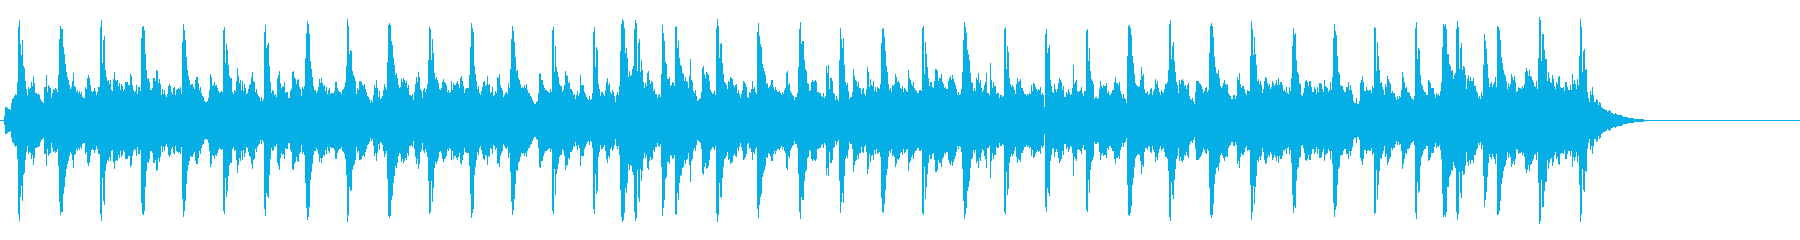 懐古的で温かいセミクラ(A~サビ~A)の再生済みの波形